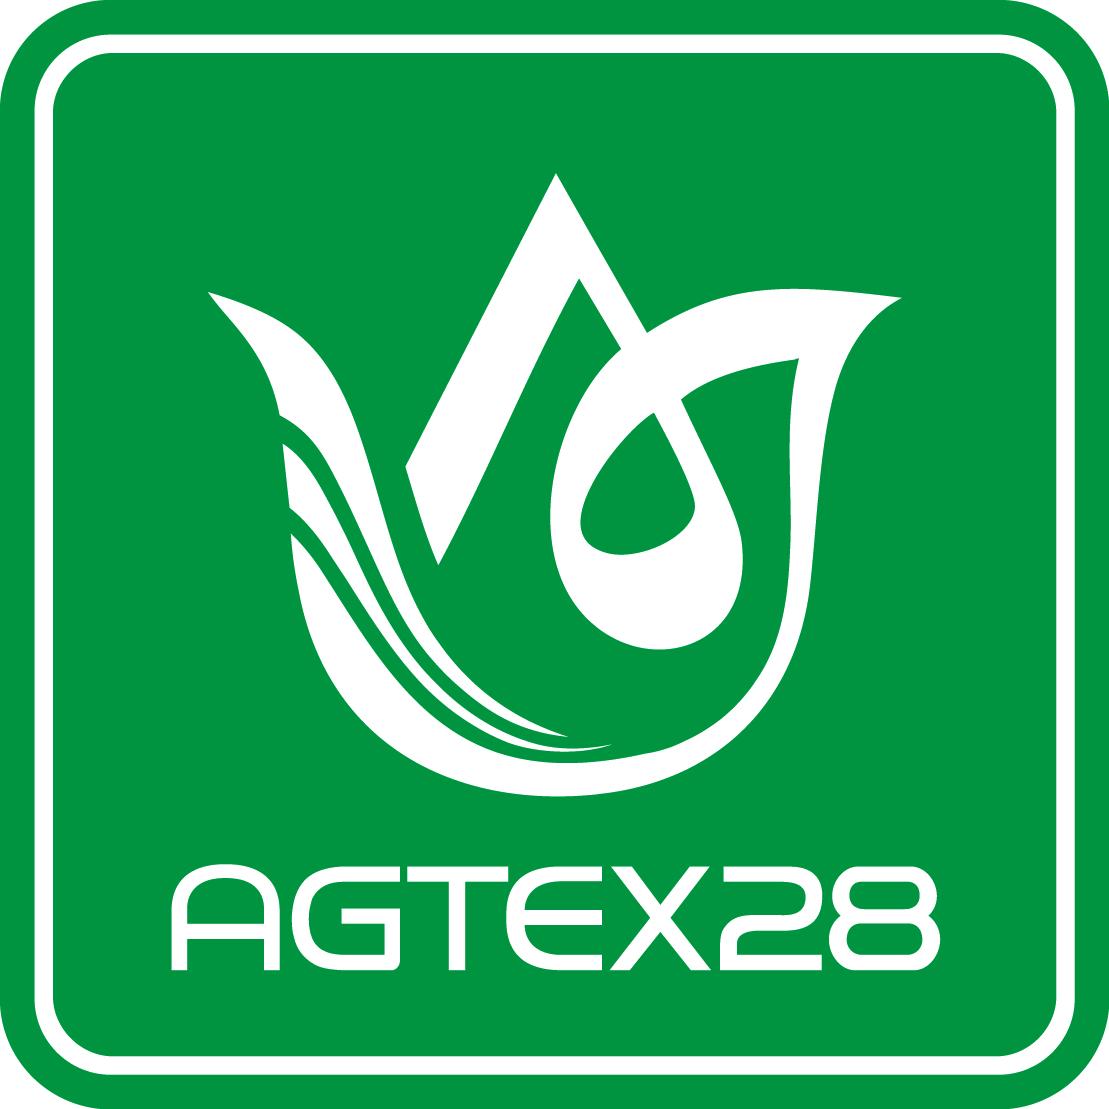 Agtex 28